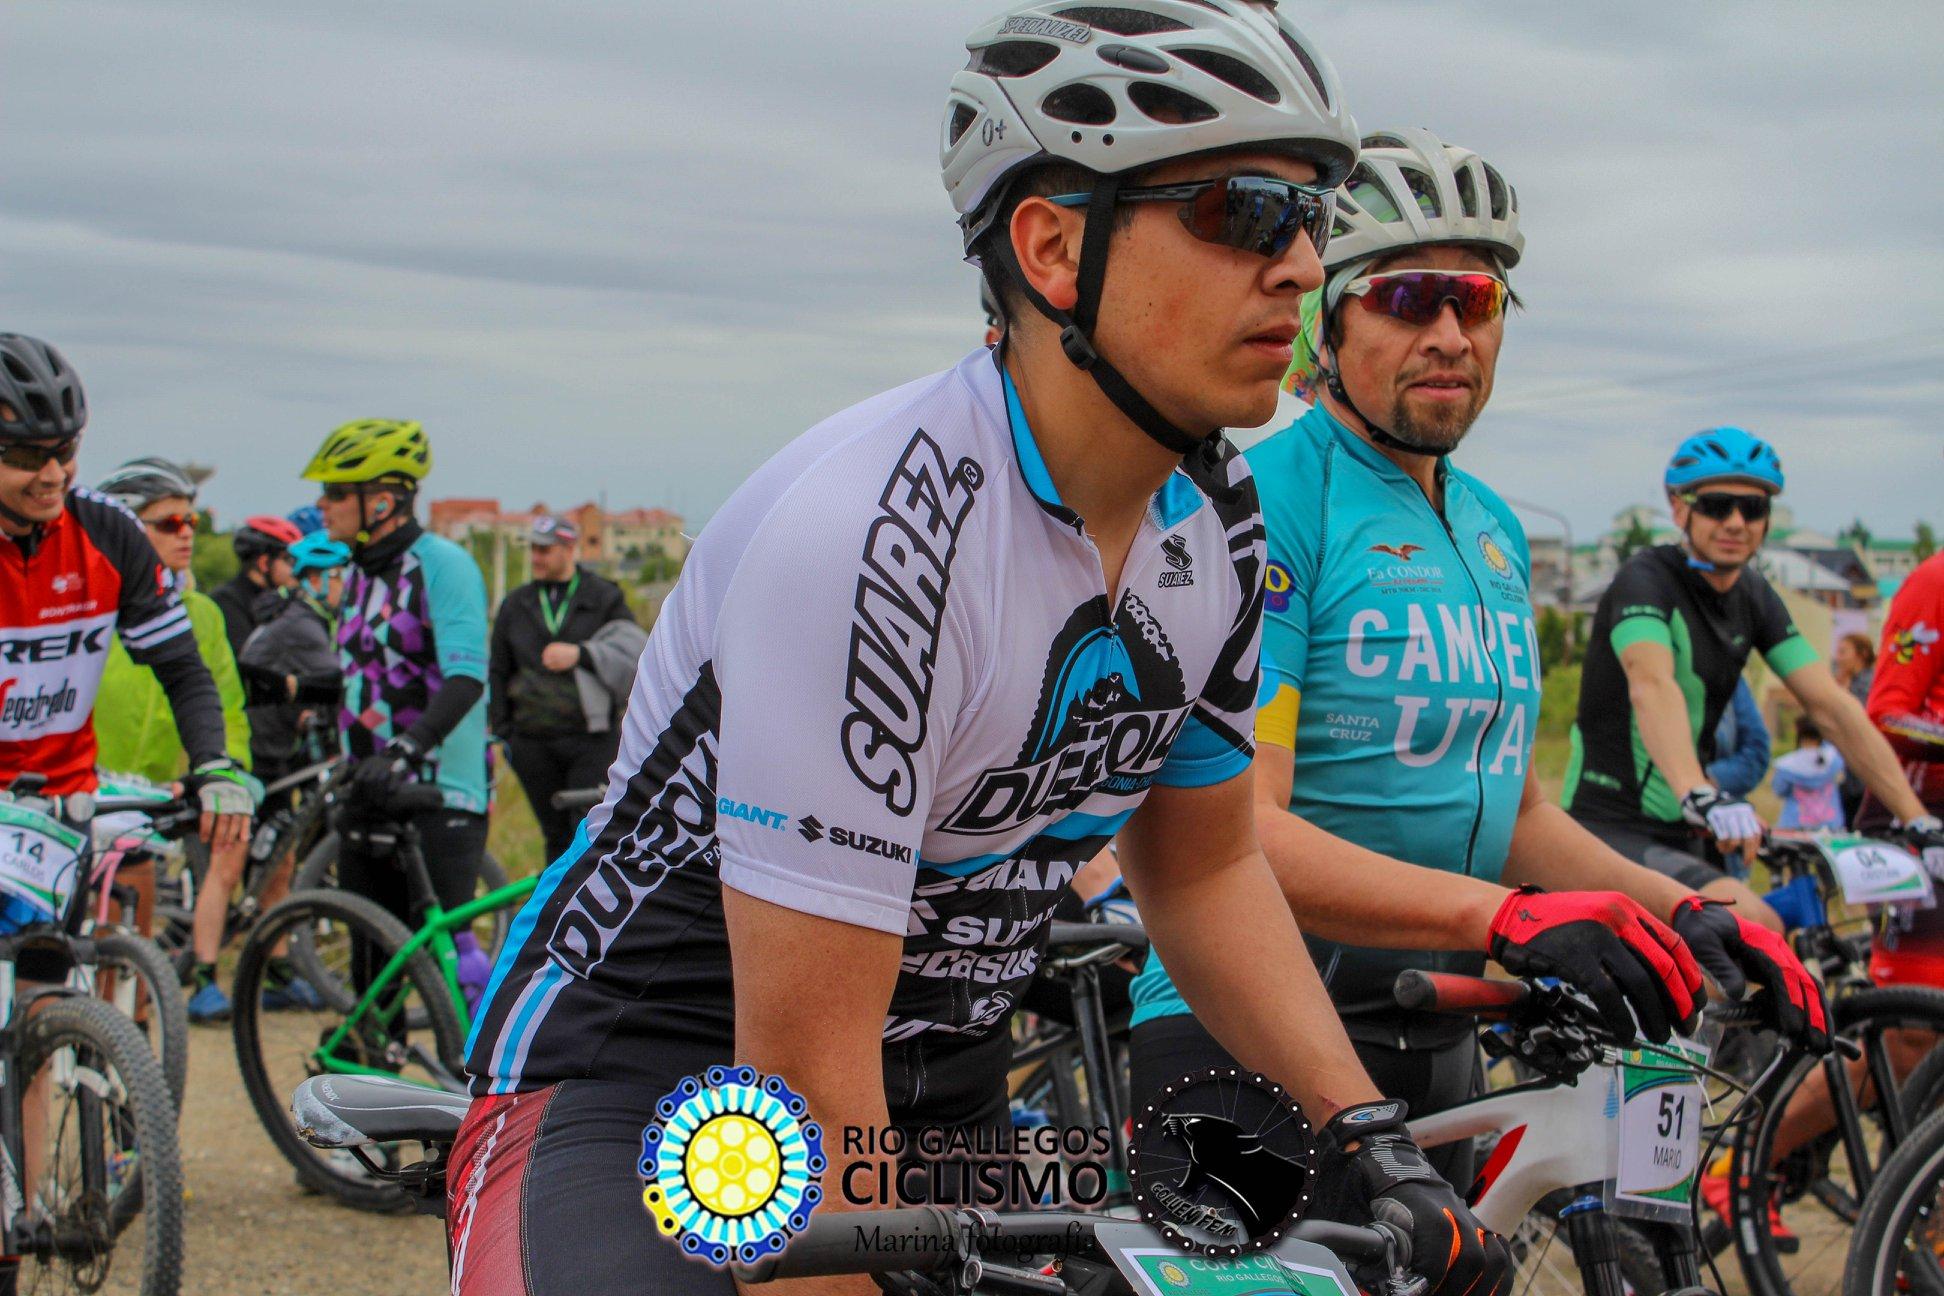 Copa Ciudad 2019. Foto Asociación de Ciclismo Rio Gallegos